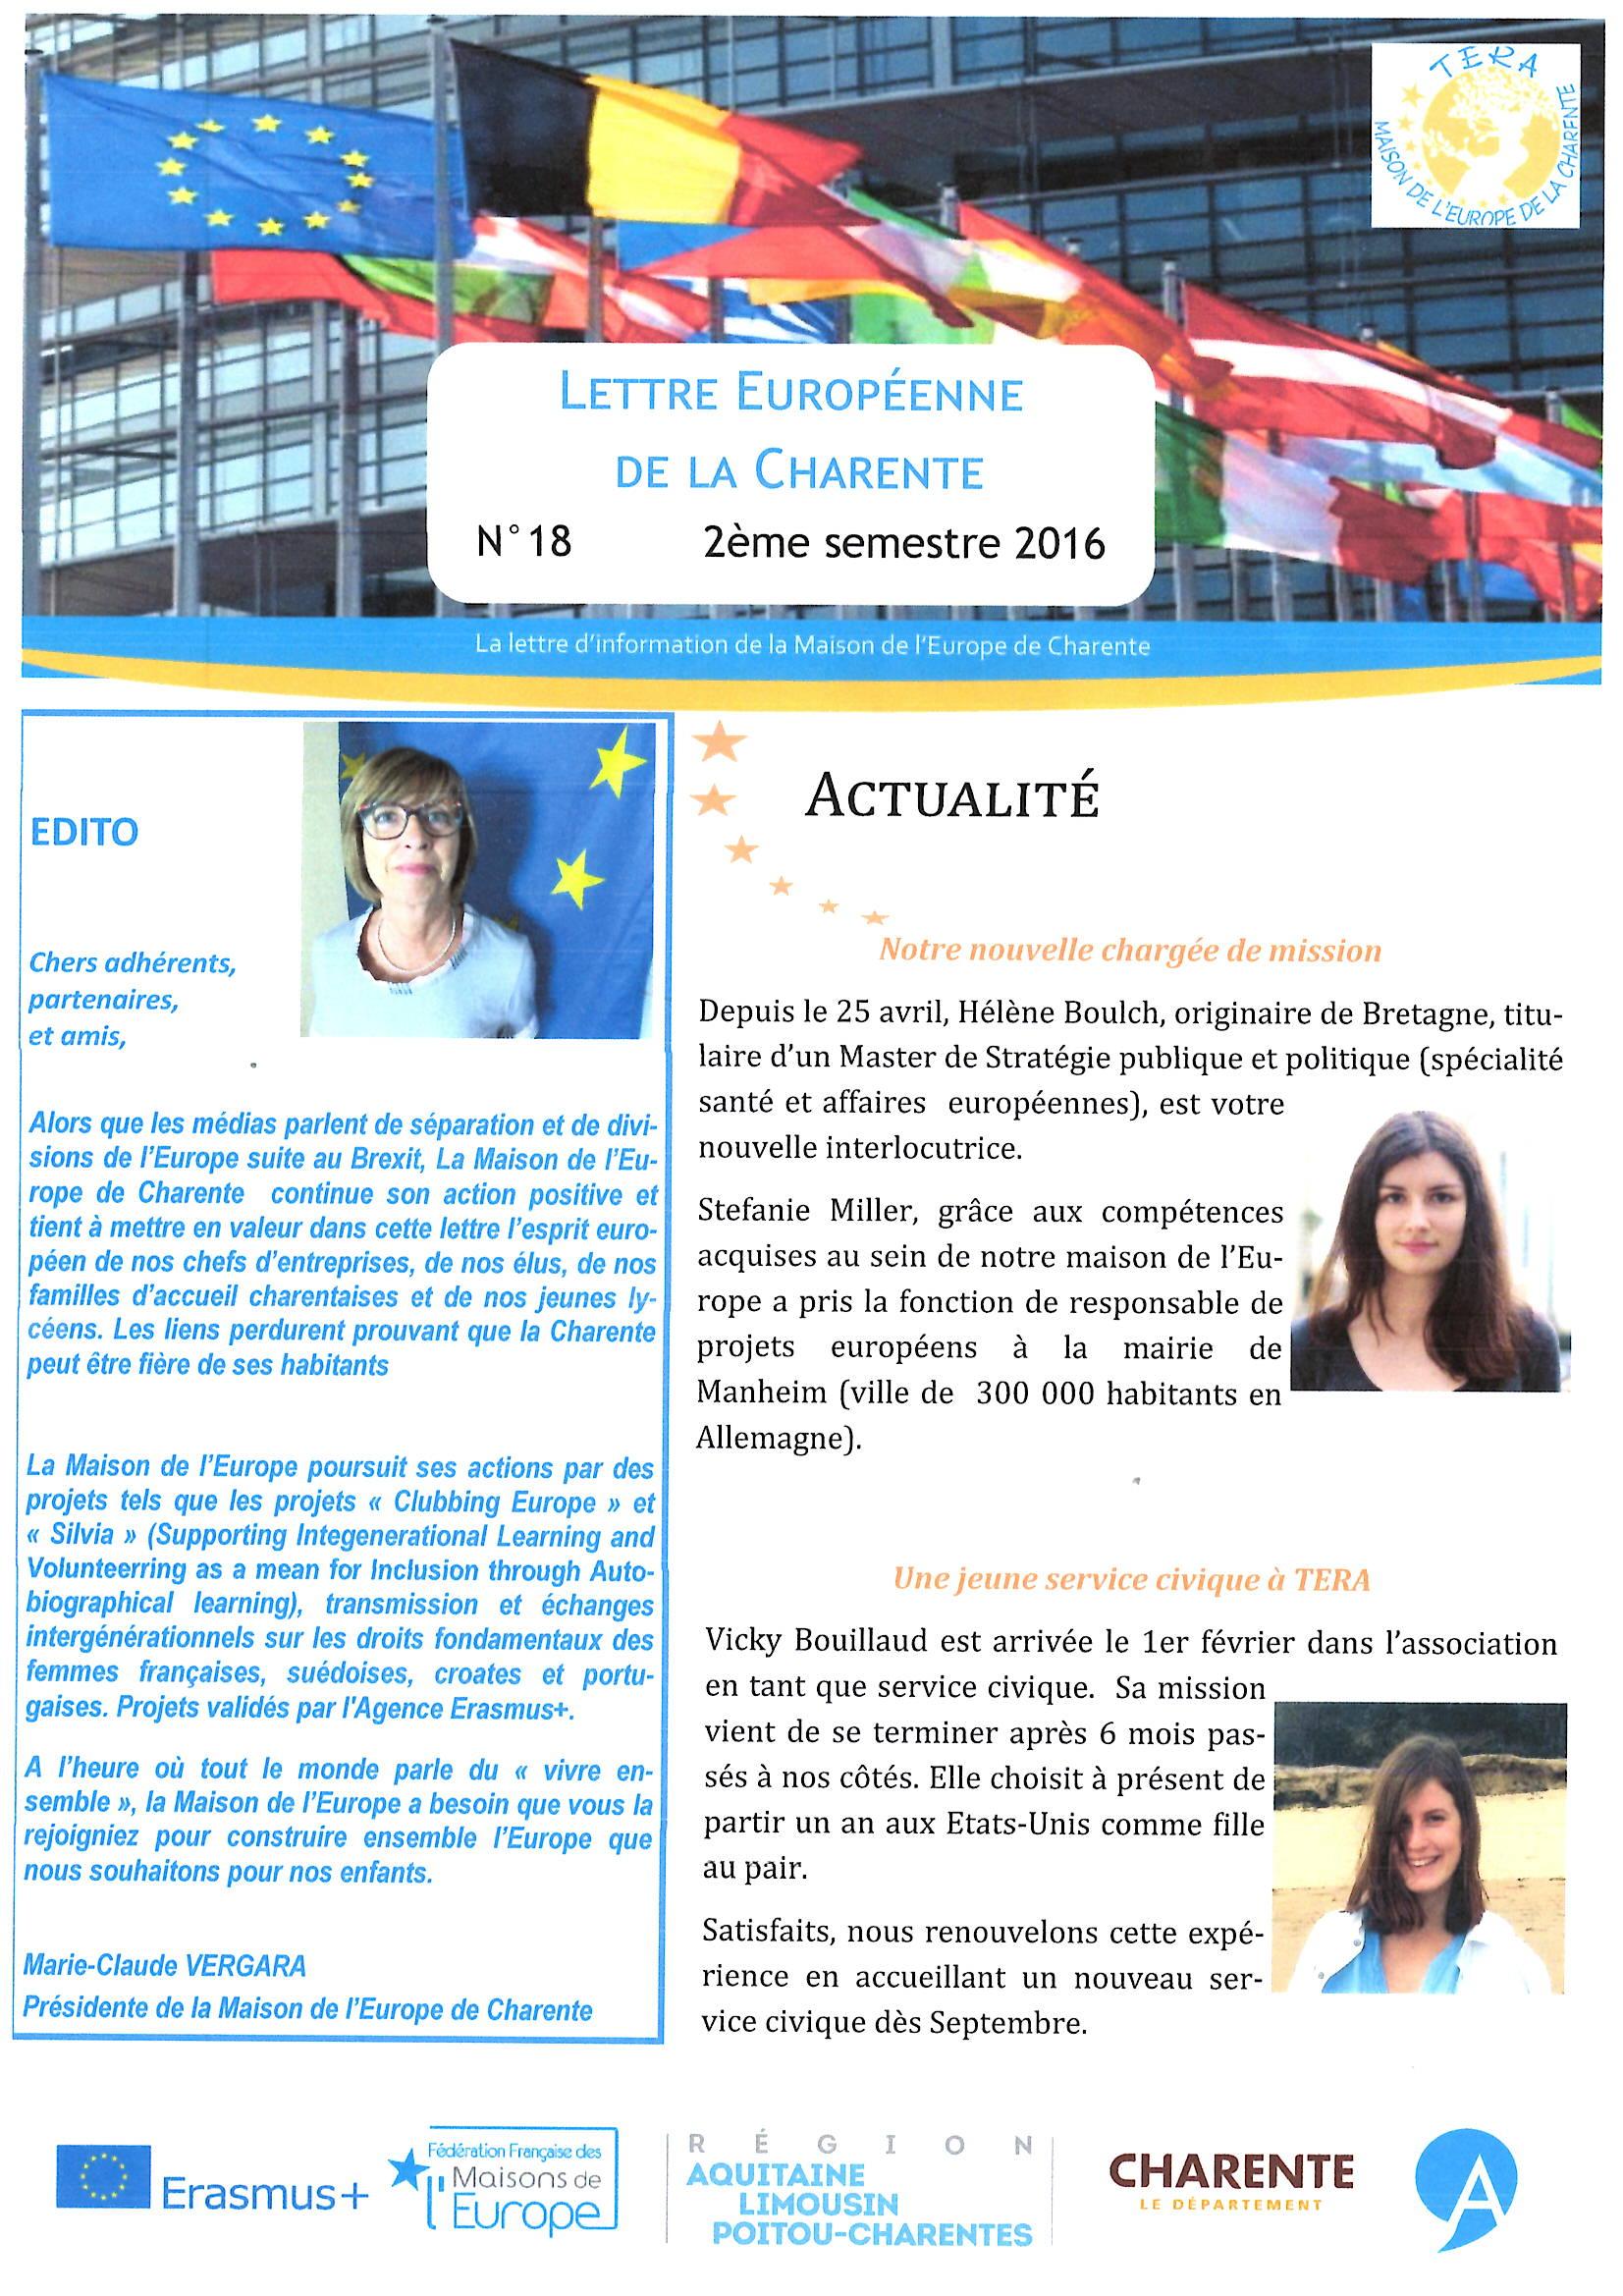 Lettre Européenne de la Charente n°18 du 2ème semestre 2016